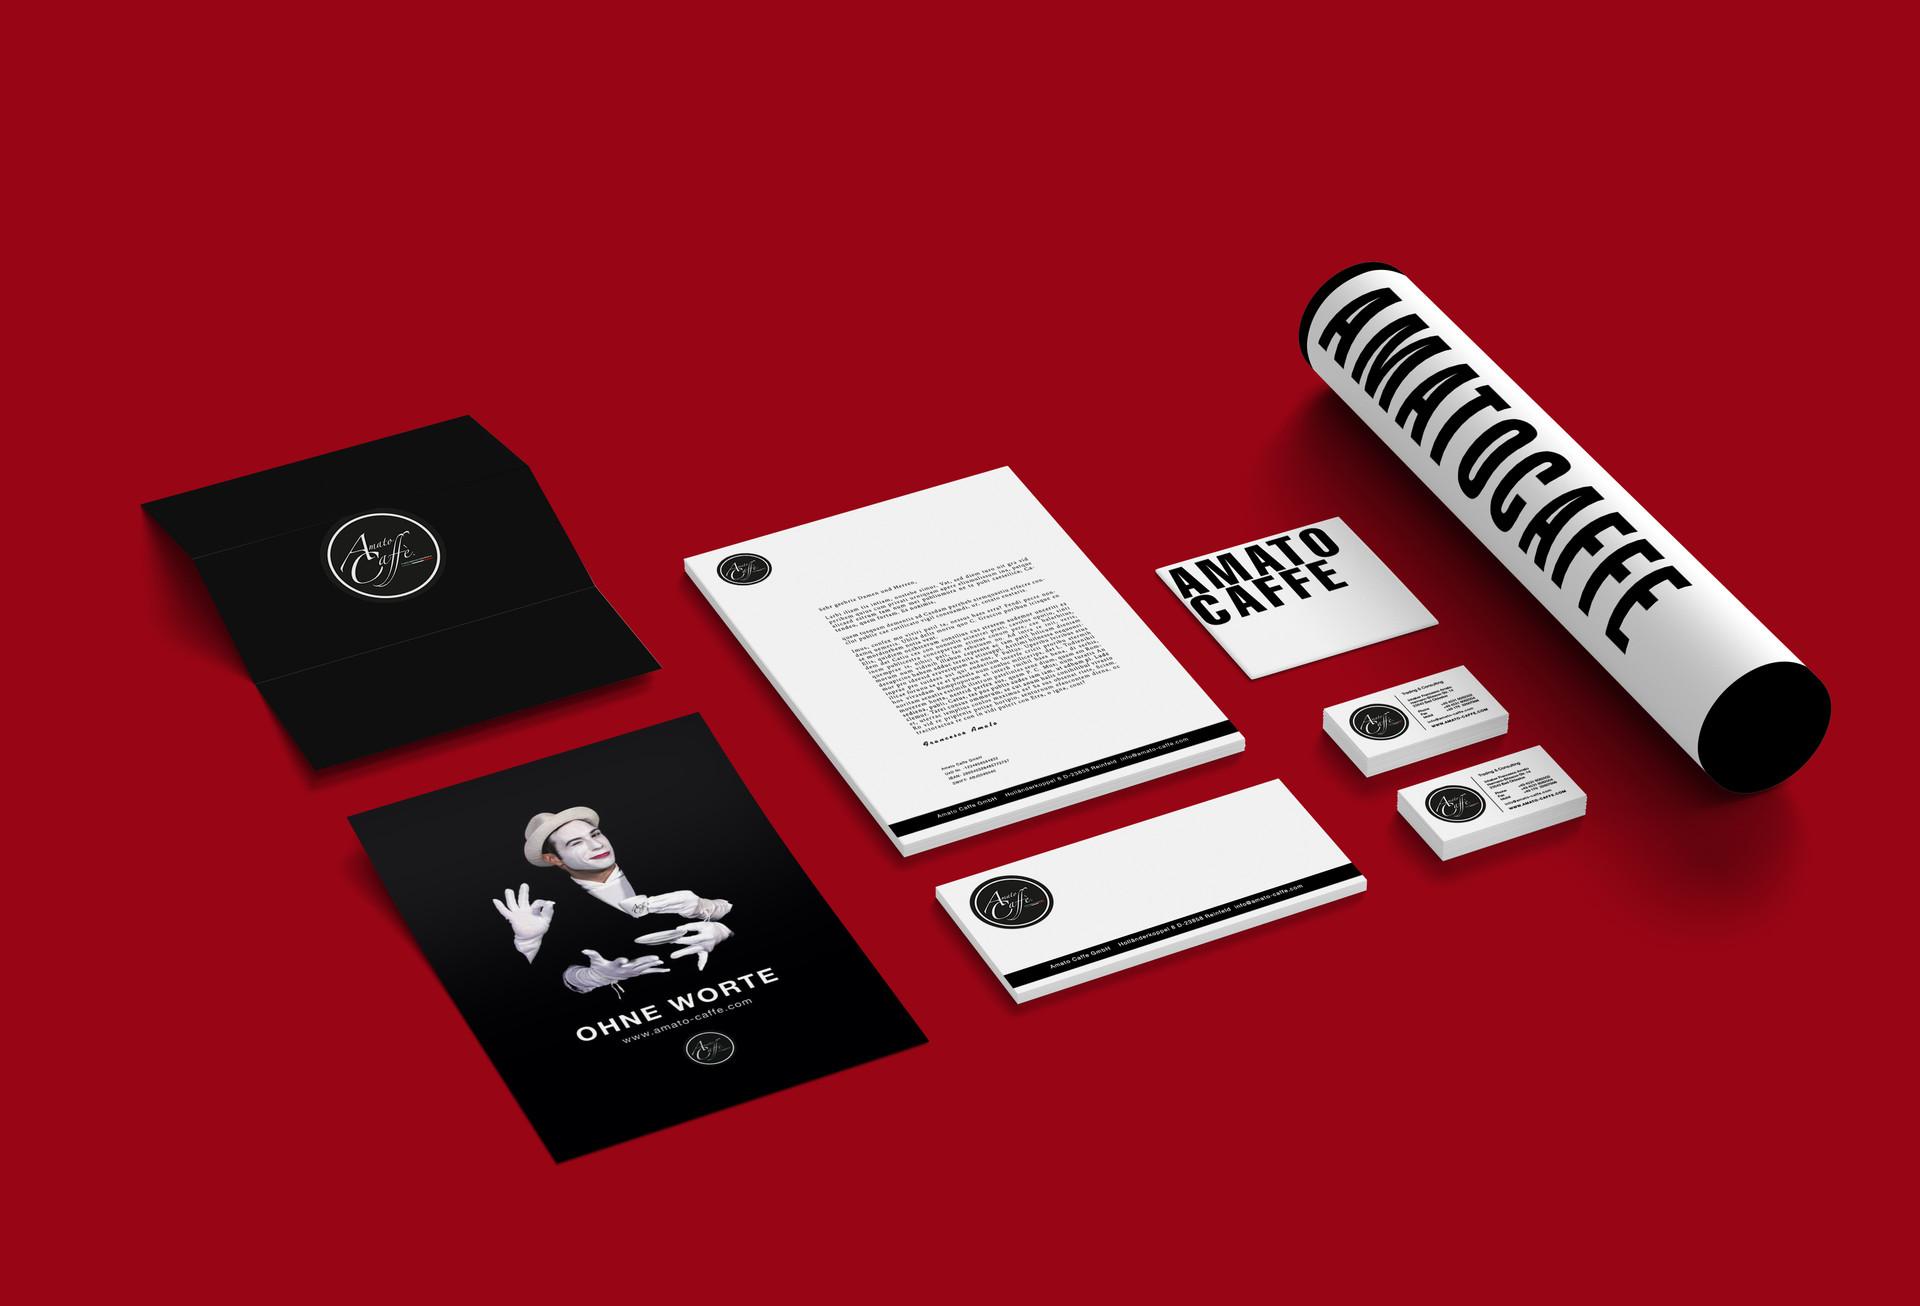 Branding_Mockup_2.jpg